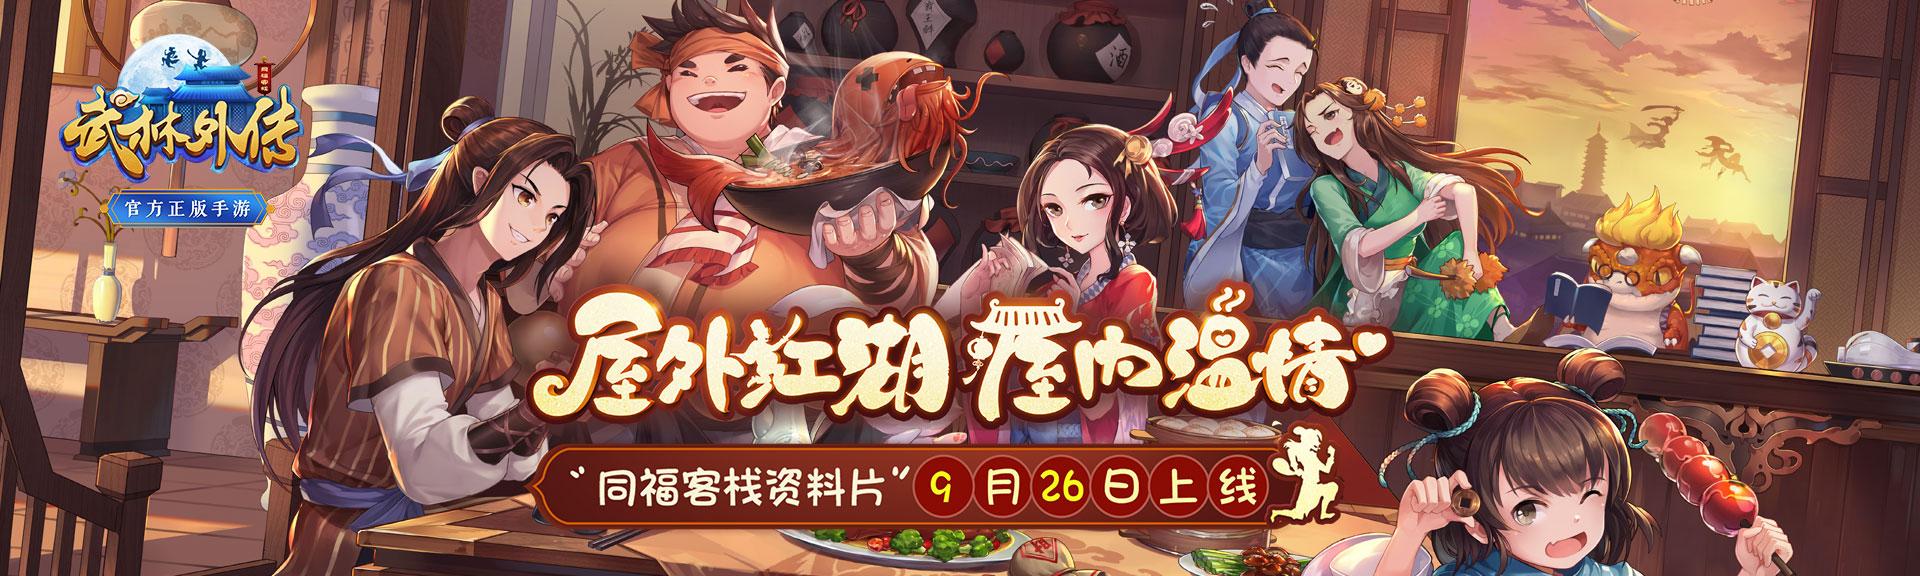 李大嘴再展厨艺 《武林外传手游》同福客栈资料片定档9·26